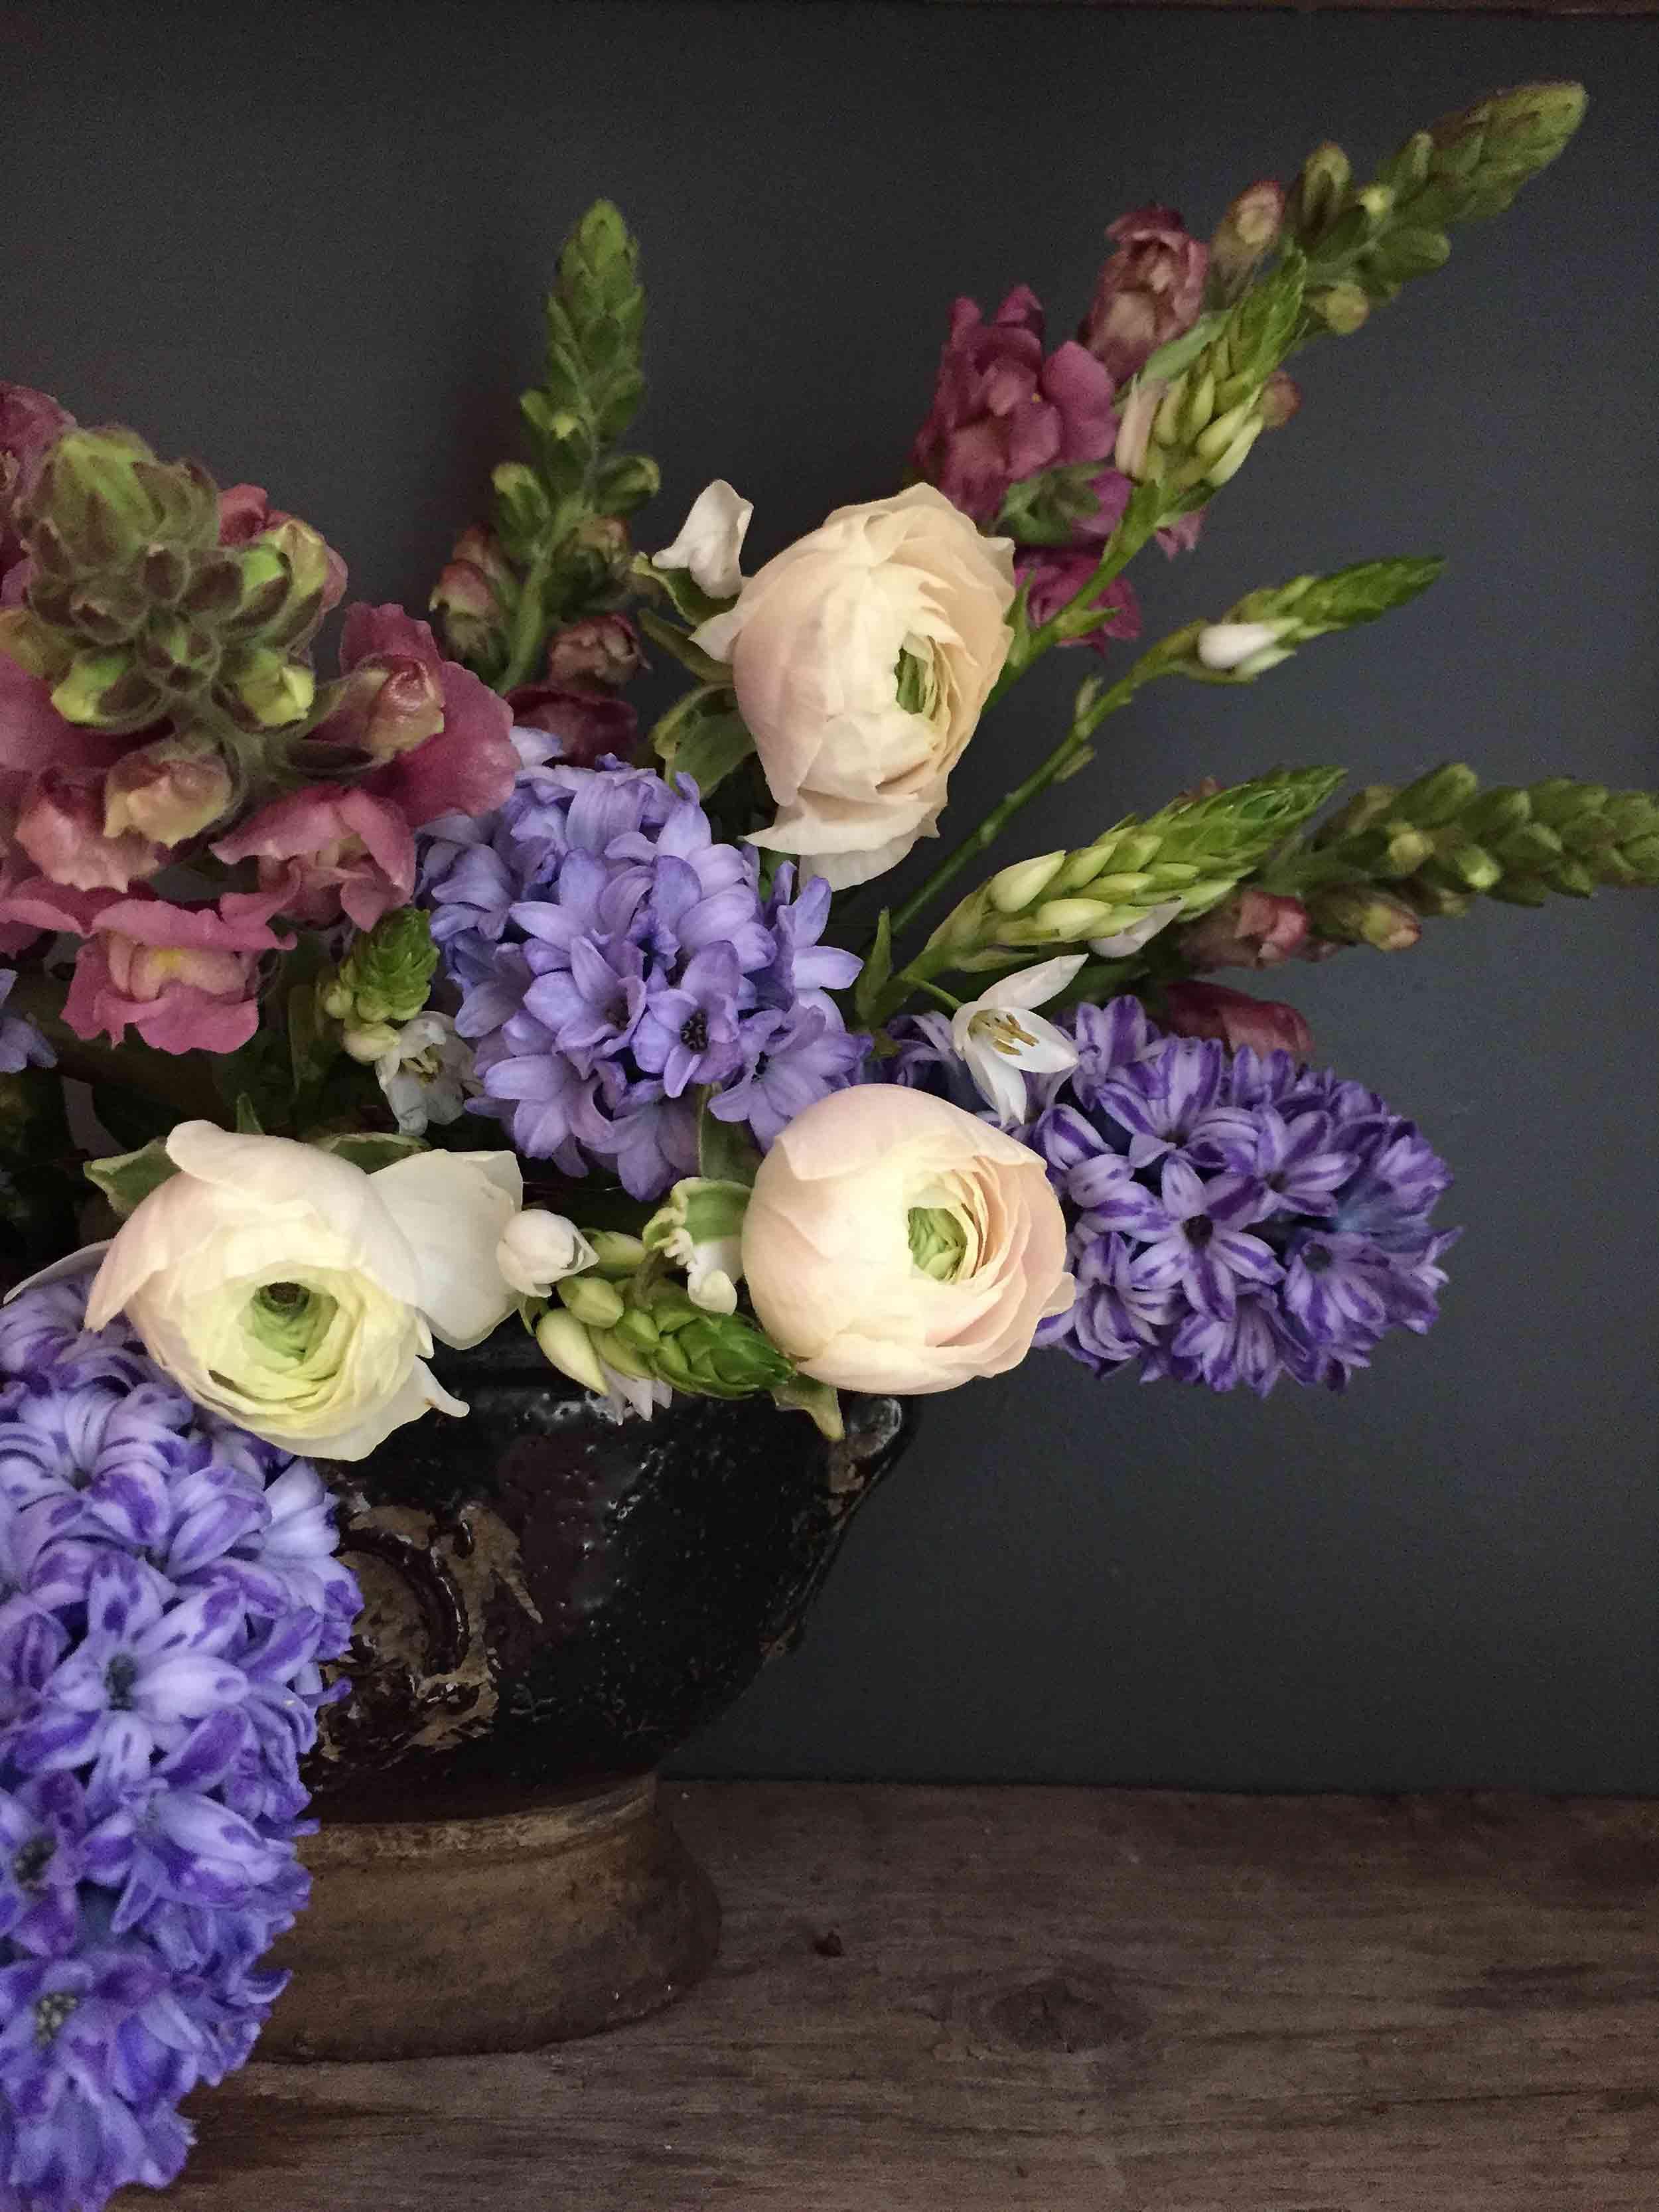 lunaria_wedding_flowers_somerset_UK_28.jpg